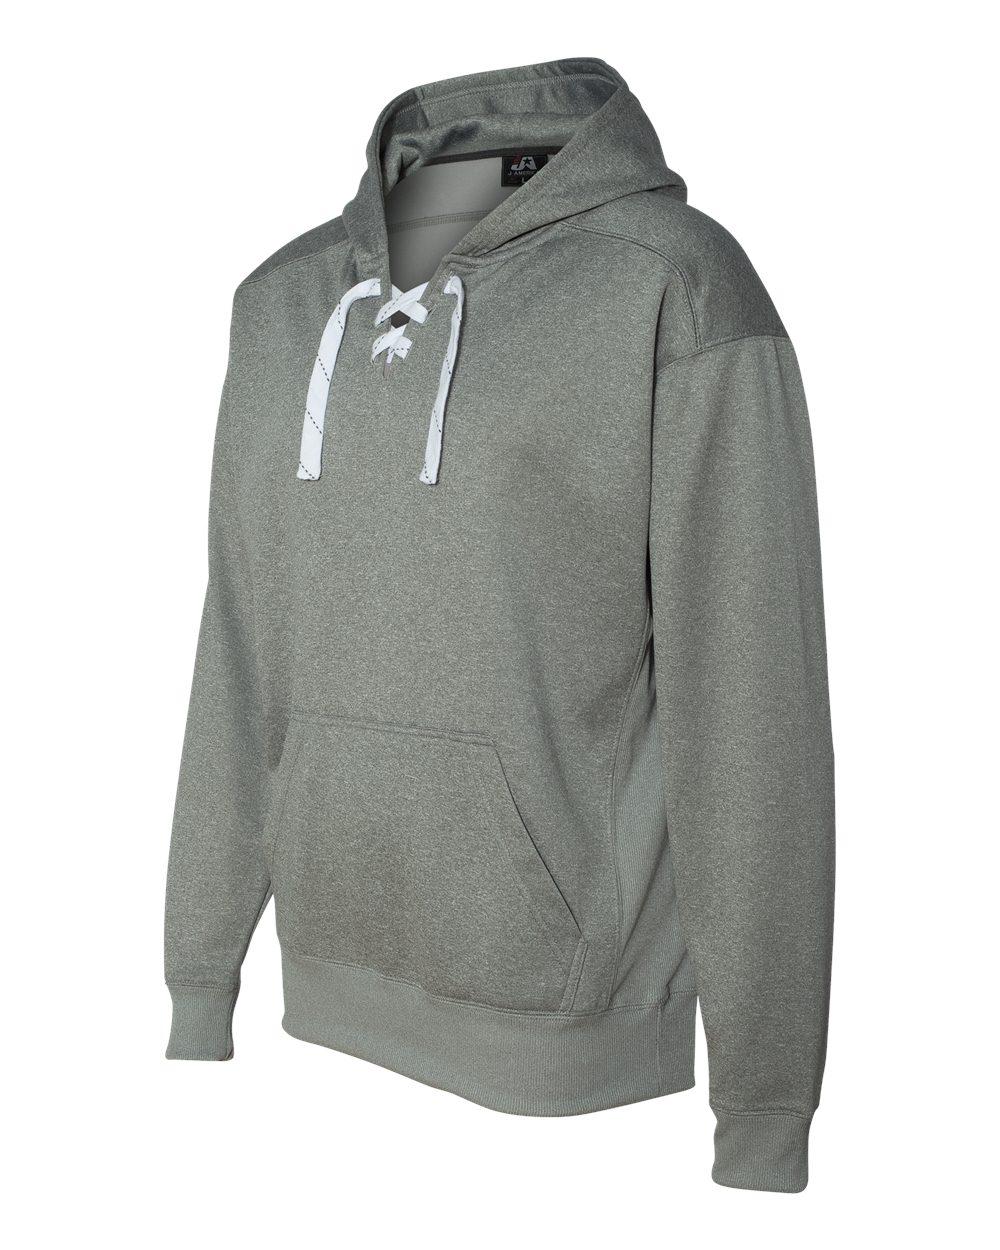 Sport Lace Hooded Sweatshirt